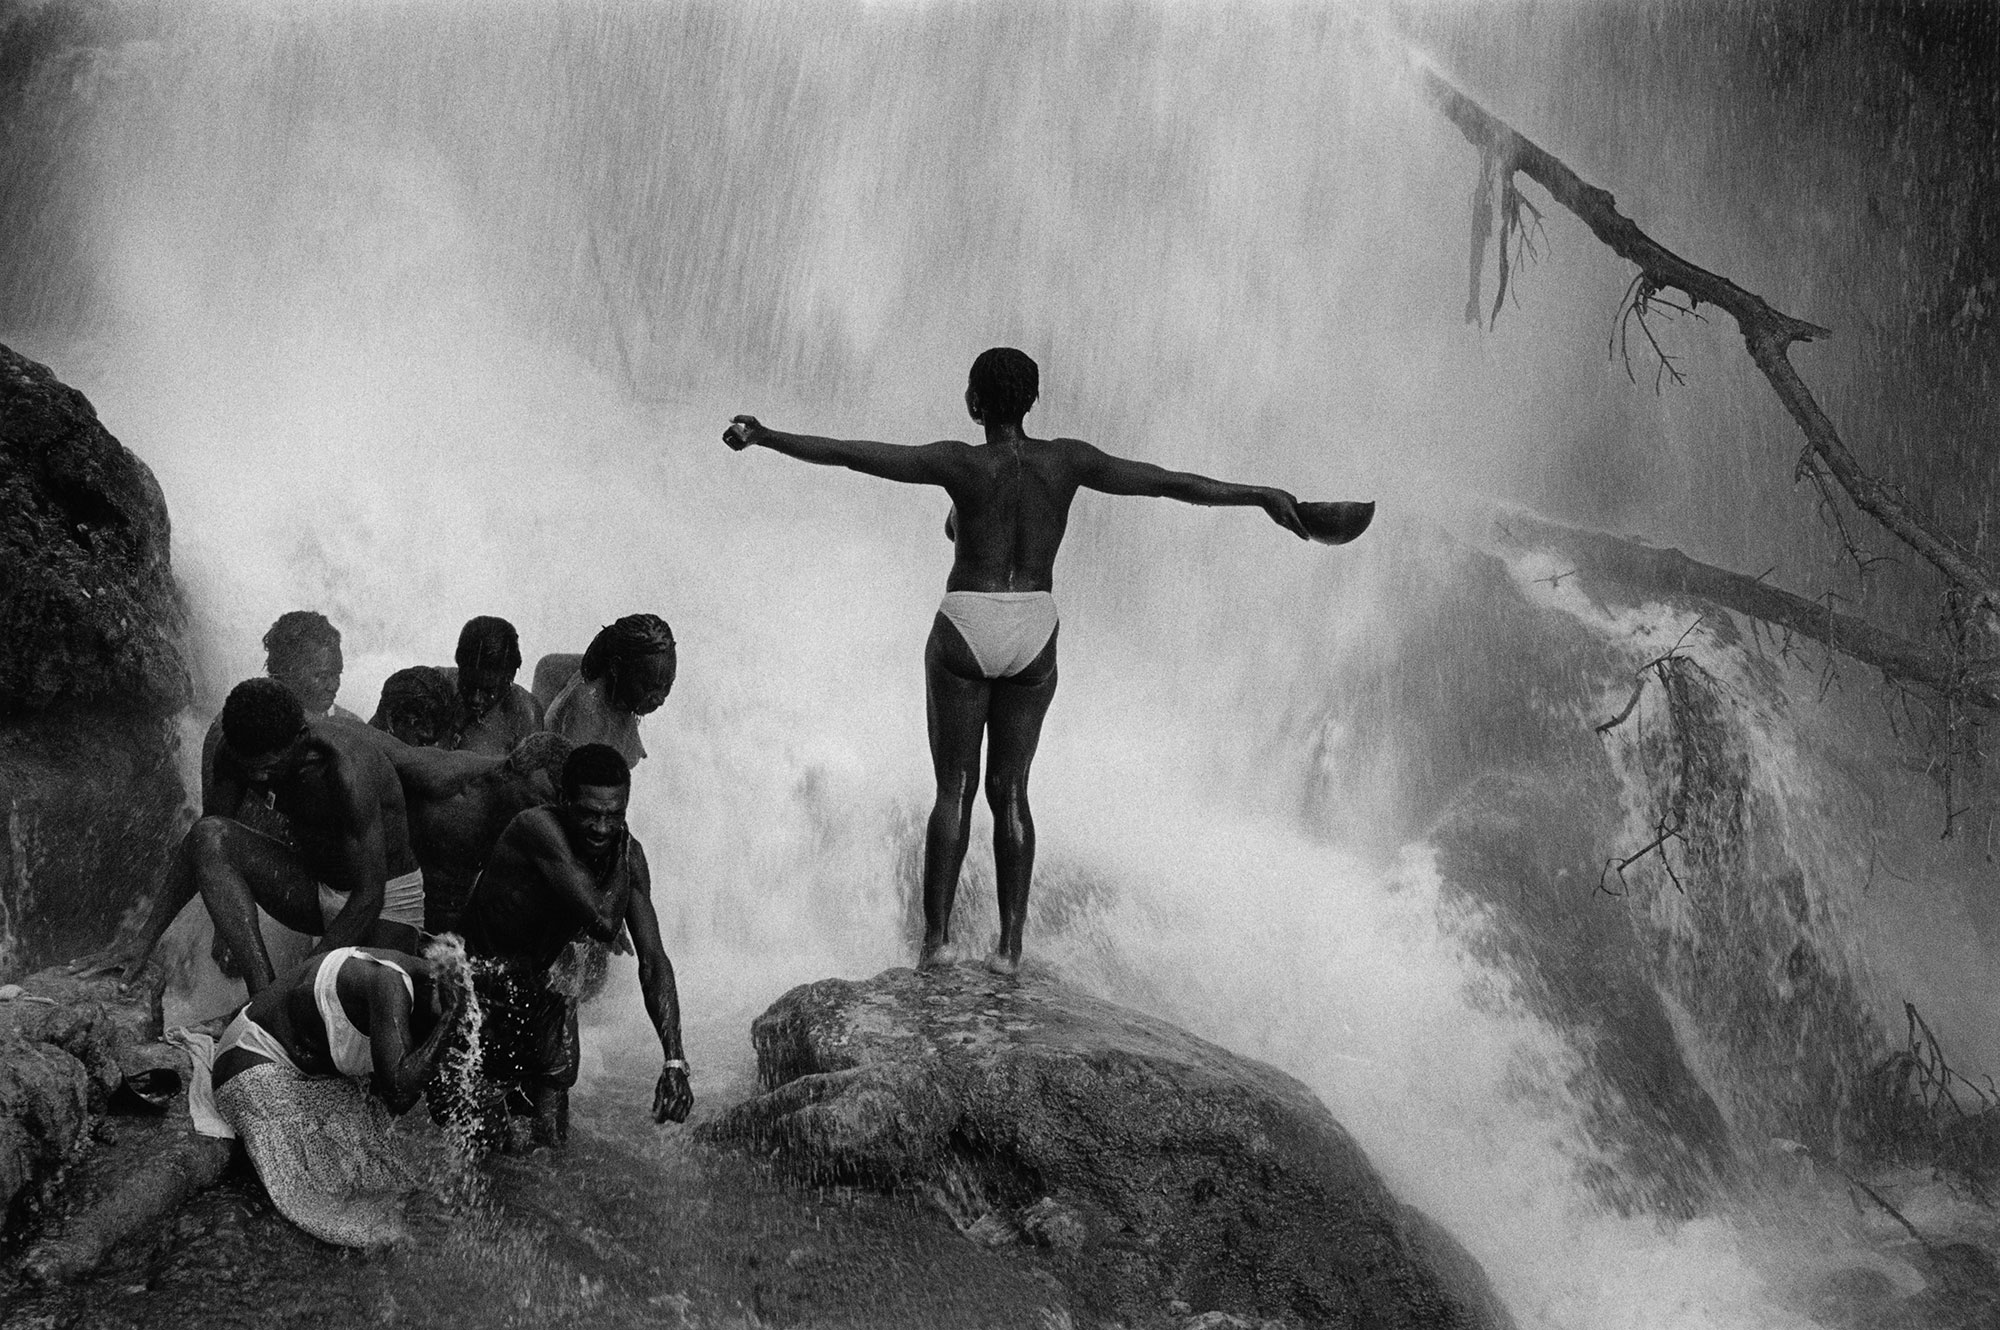 El agua suele ocupar un papel protagonista en su obra. © Cristina García Rodero/Magnum Photos/Contacto